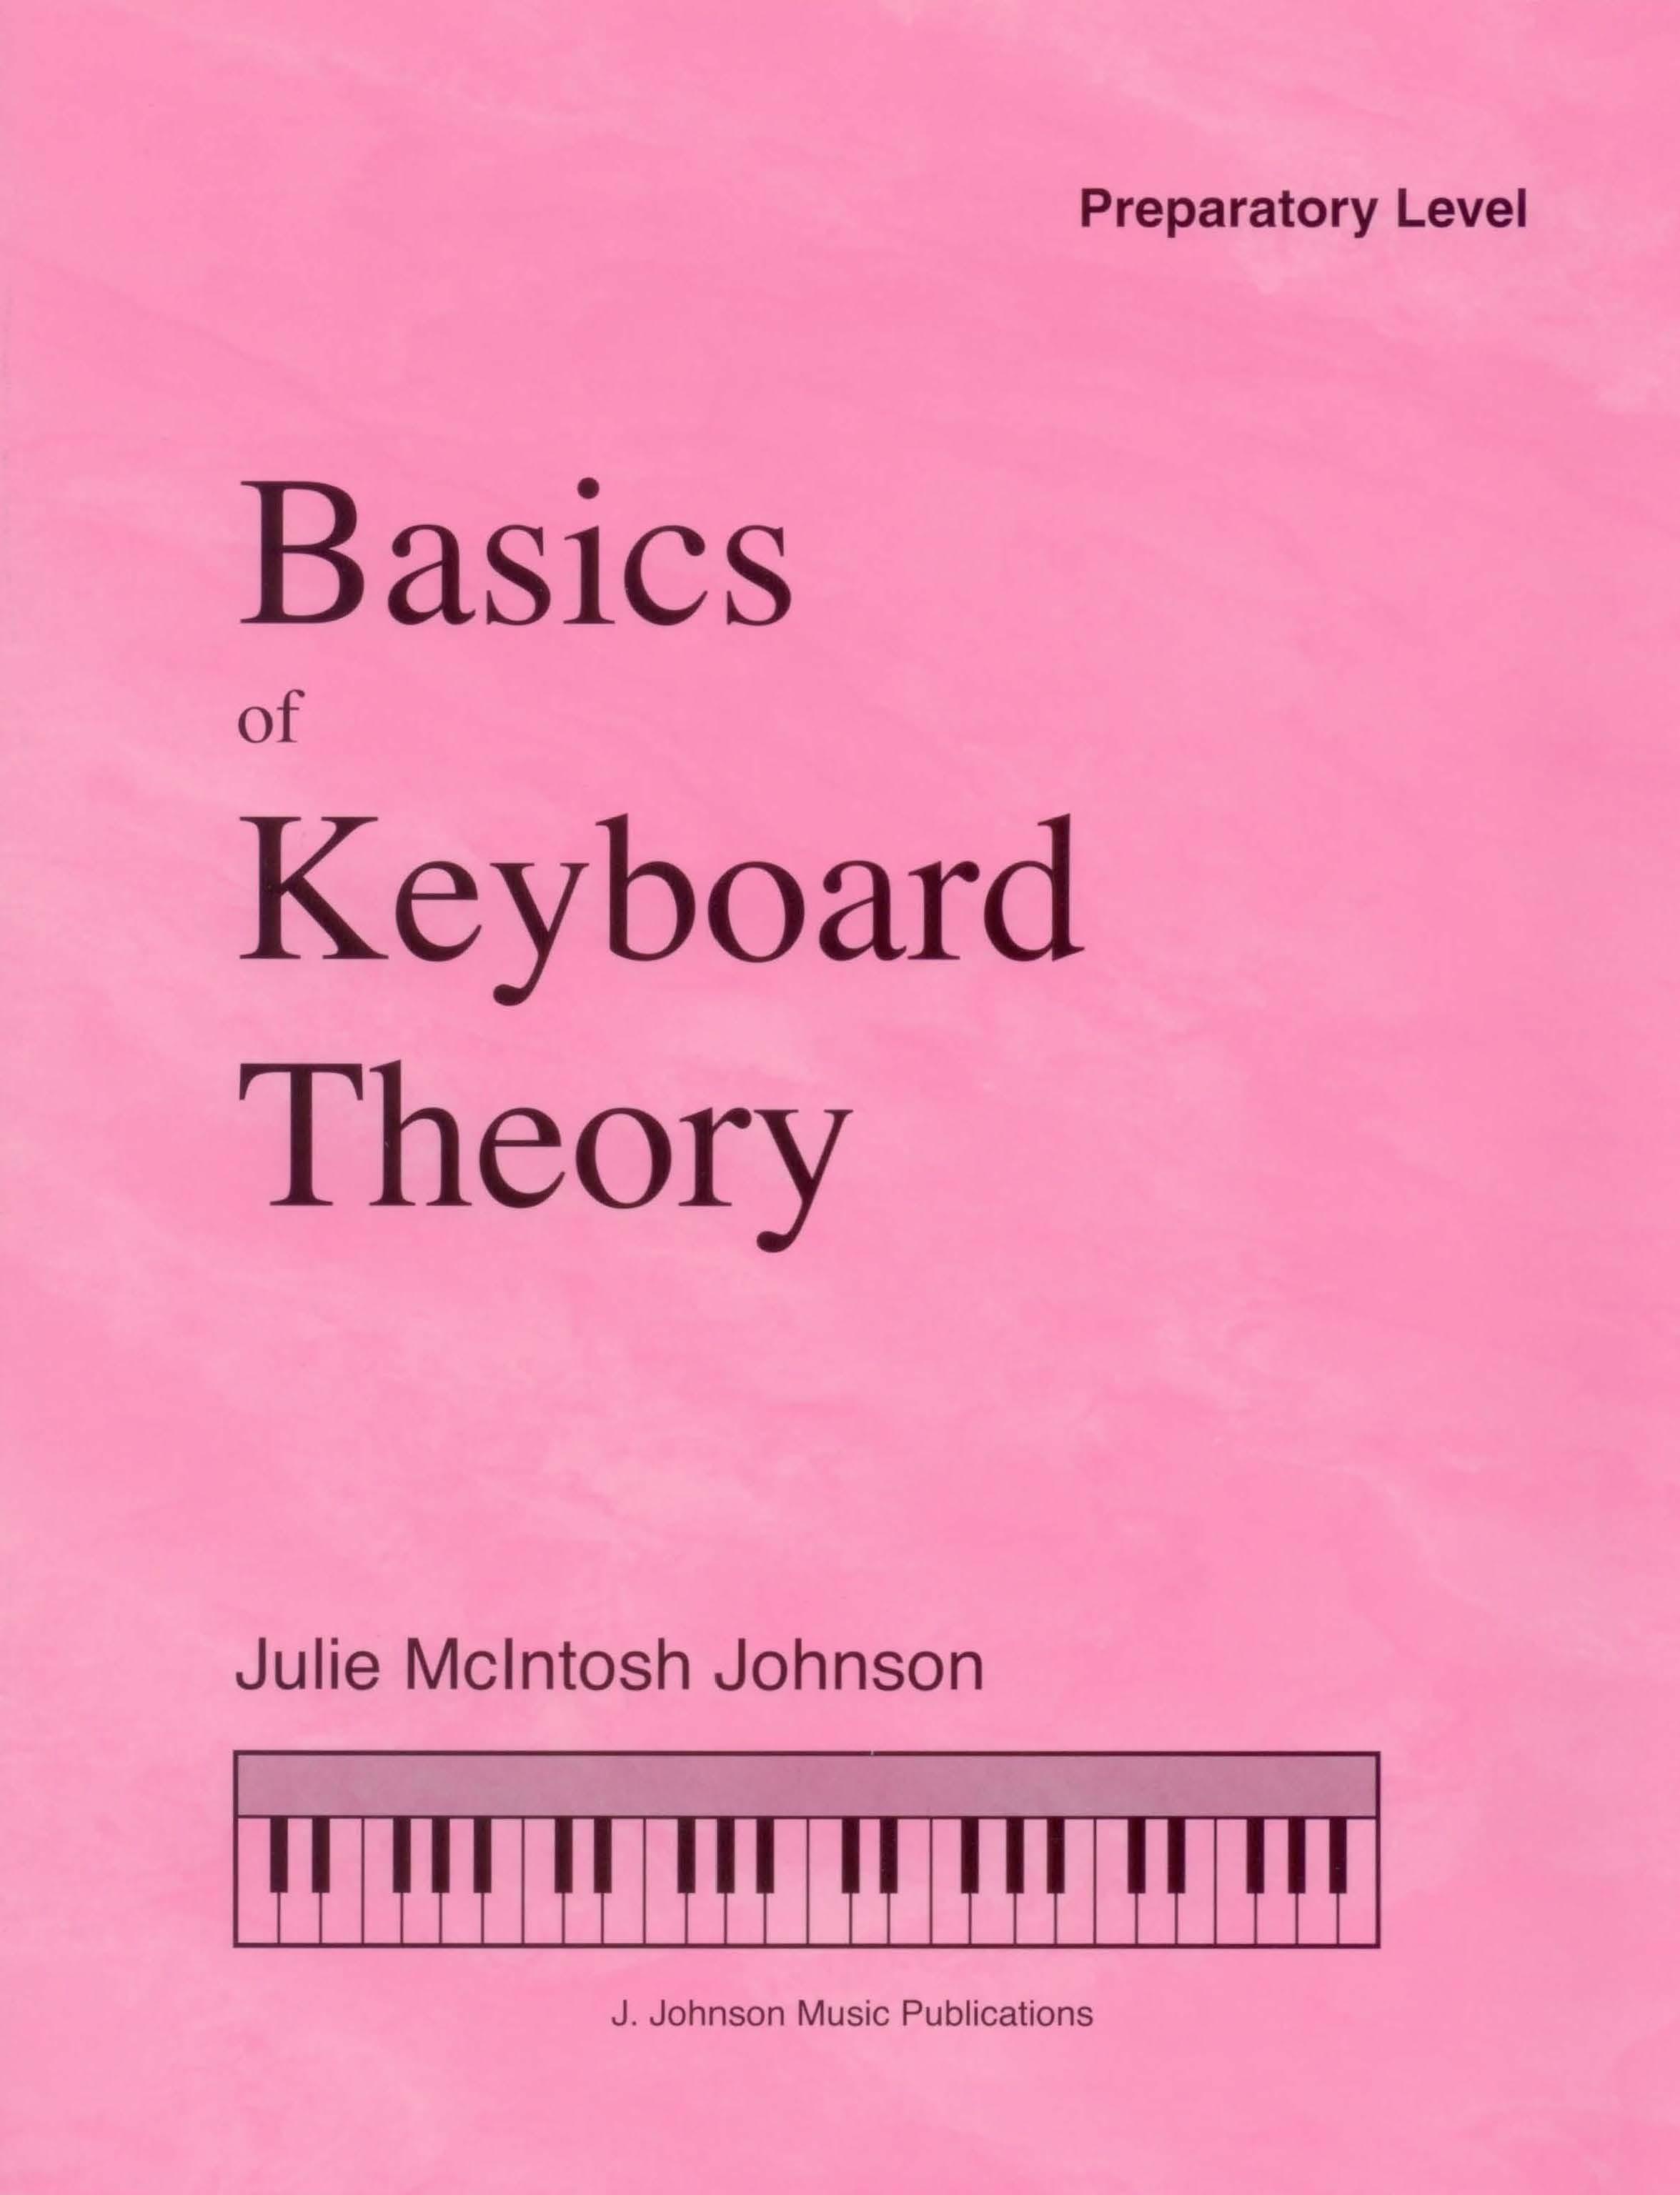 Basics of Keyboard Theory Prep Level